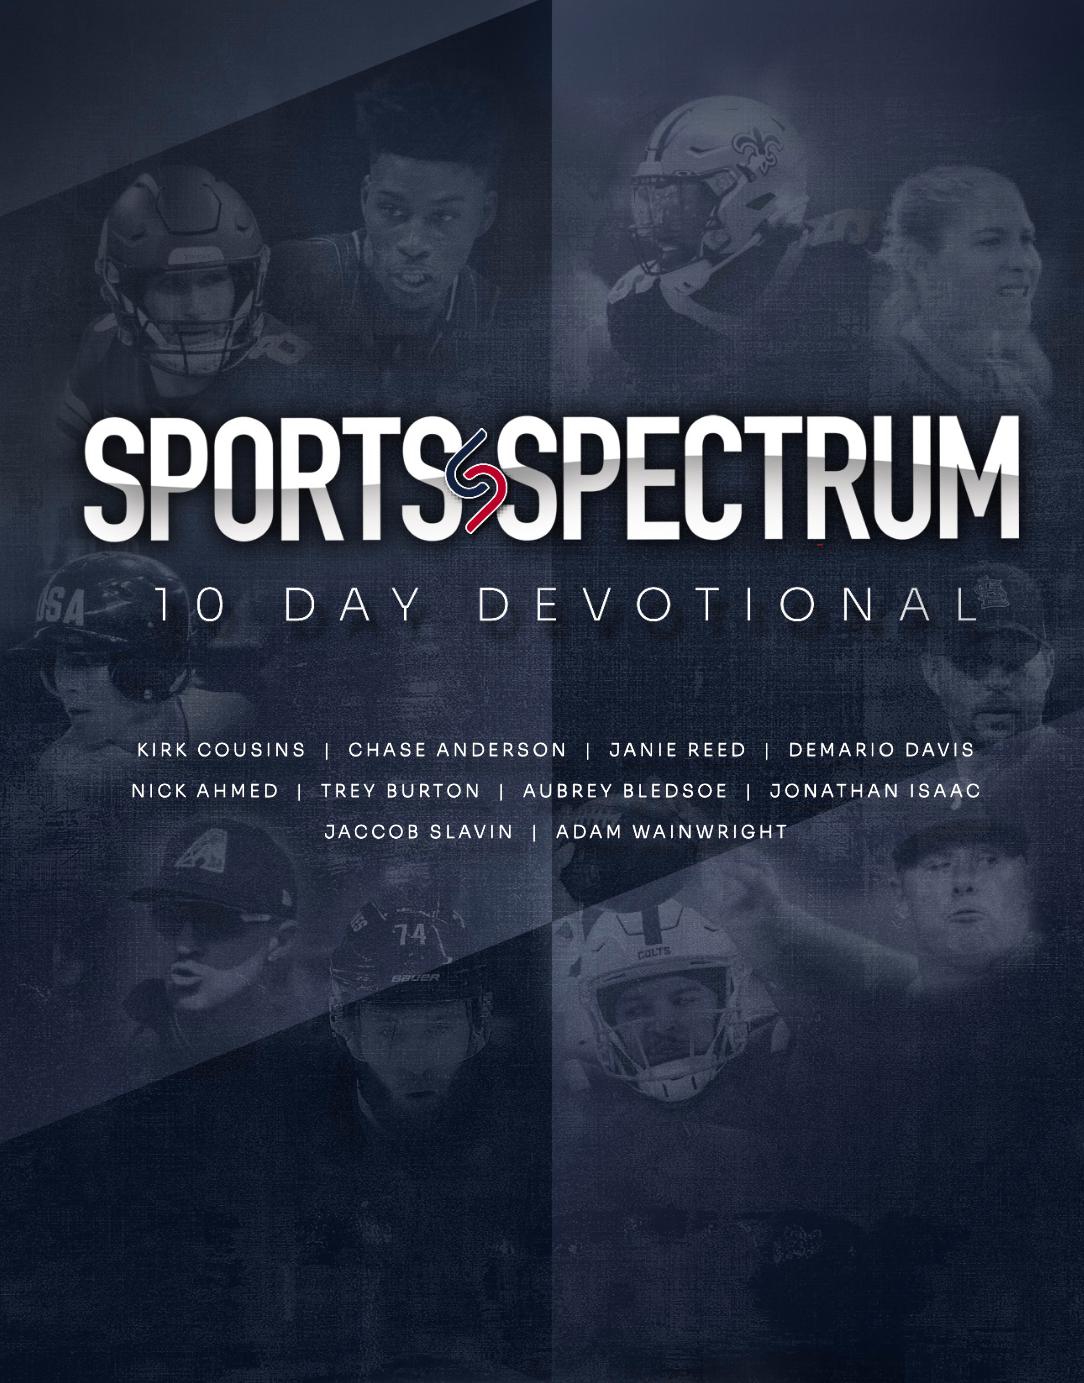 Sports Spectrum 10-Day Devotional